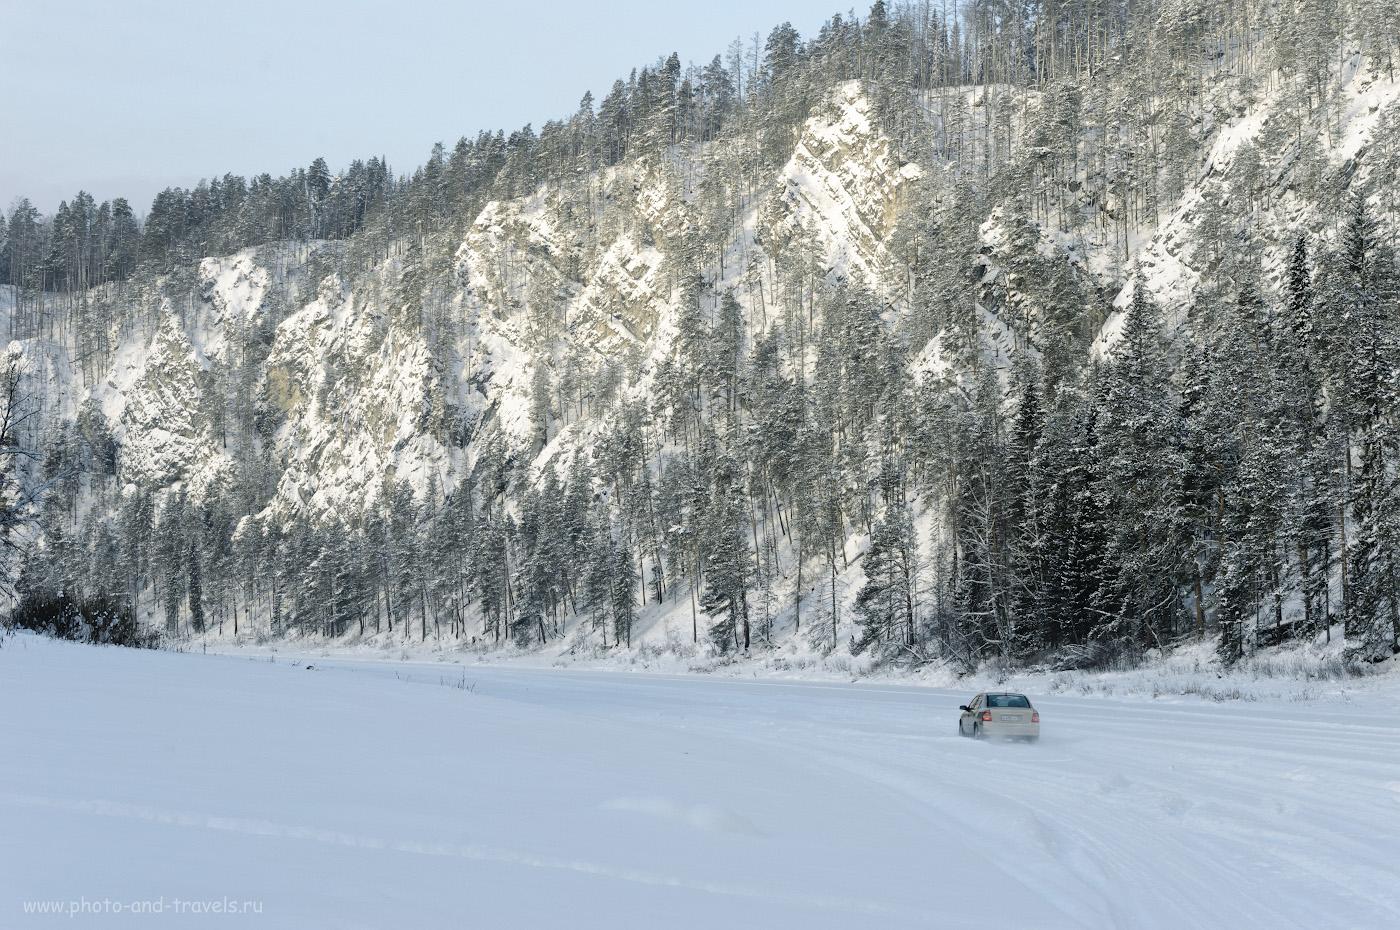 Фотография 17. Зимой у подножия камня Великан, к сожалению, вы встретите не только снегоходы, но и автомобили. 1/160, 8.0, 200, +0.67, 70.